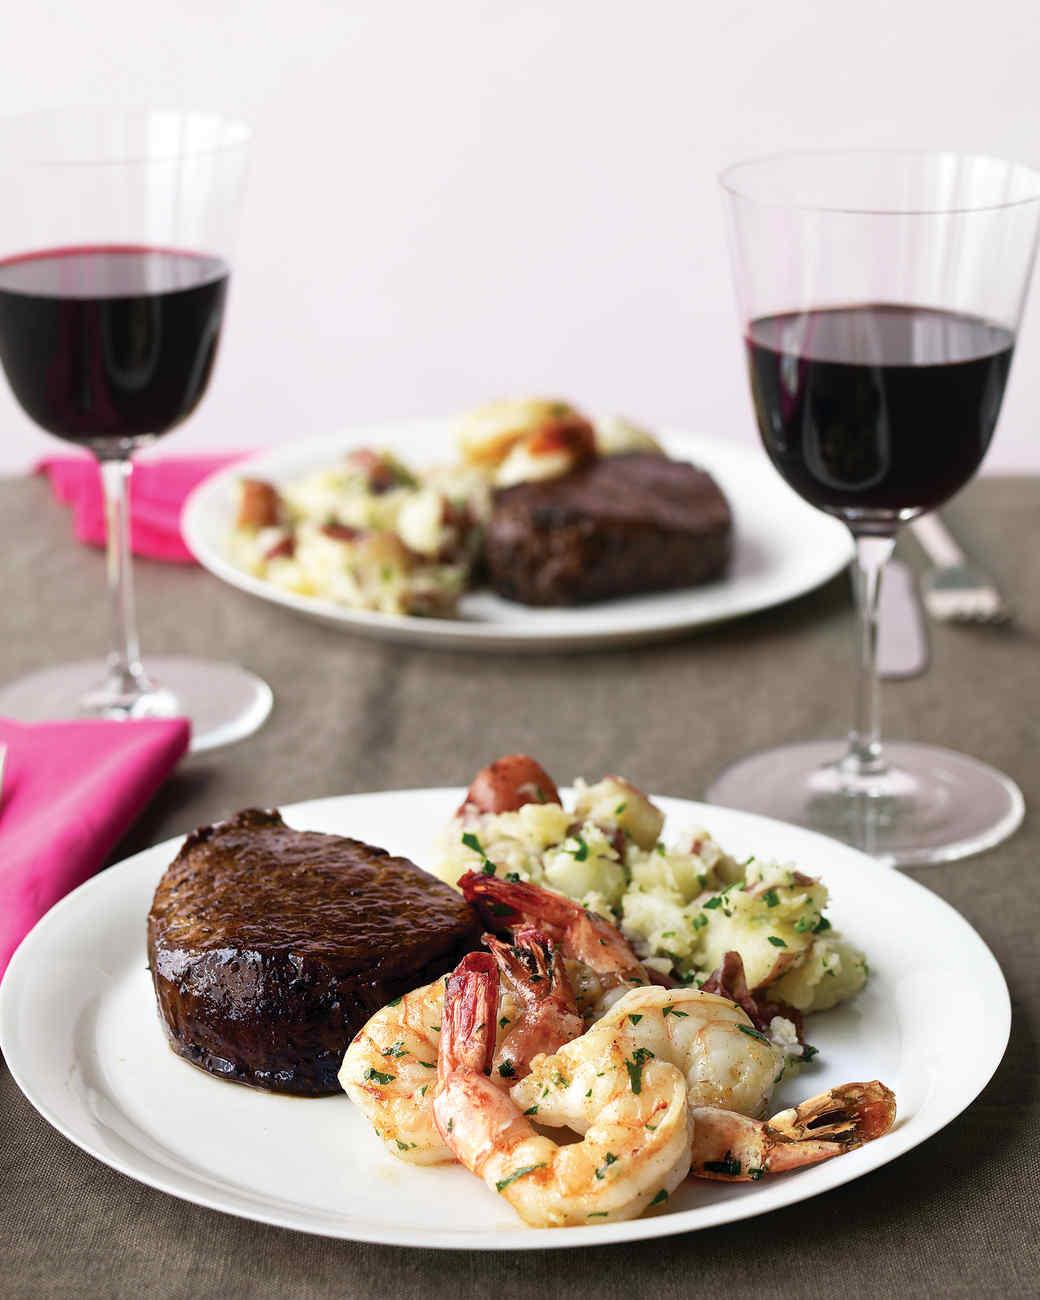 med105199_0110_eo_steak_shrimp.jpg